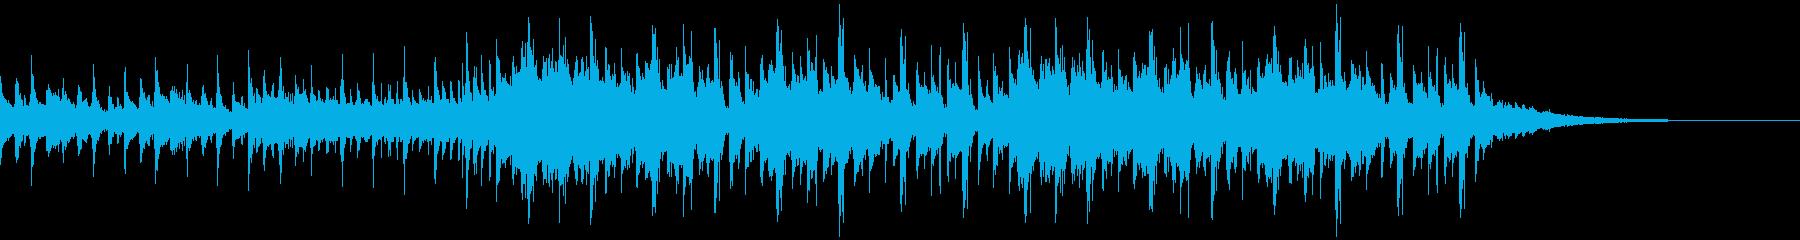 洋楽ポップス2(30秒 SNS)の再生済みの波形